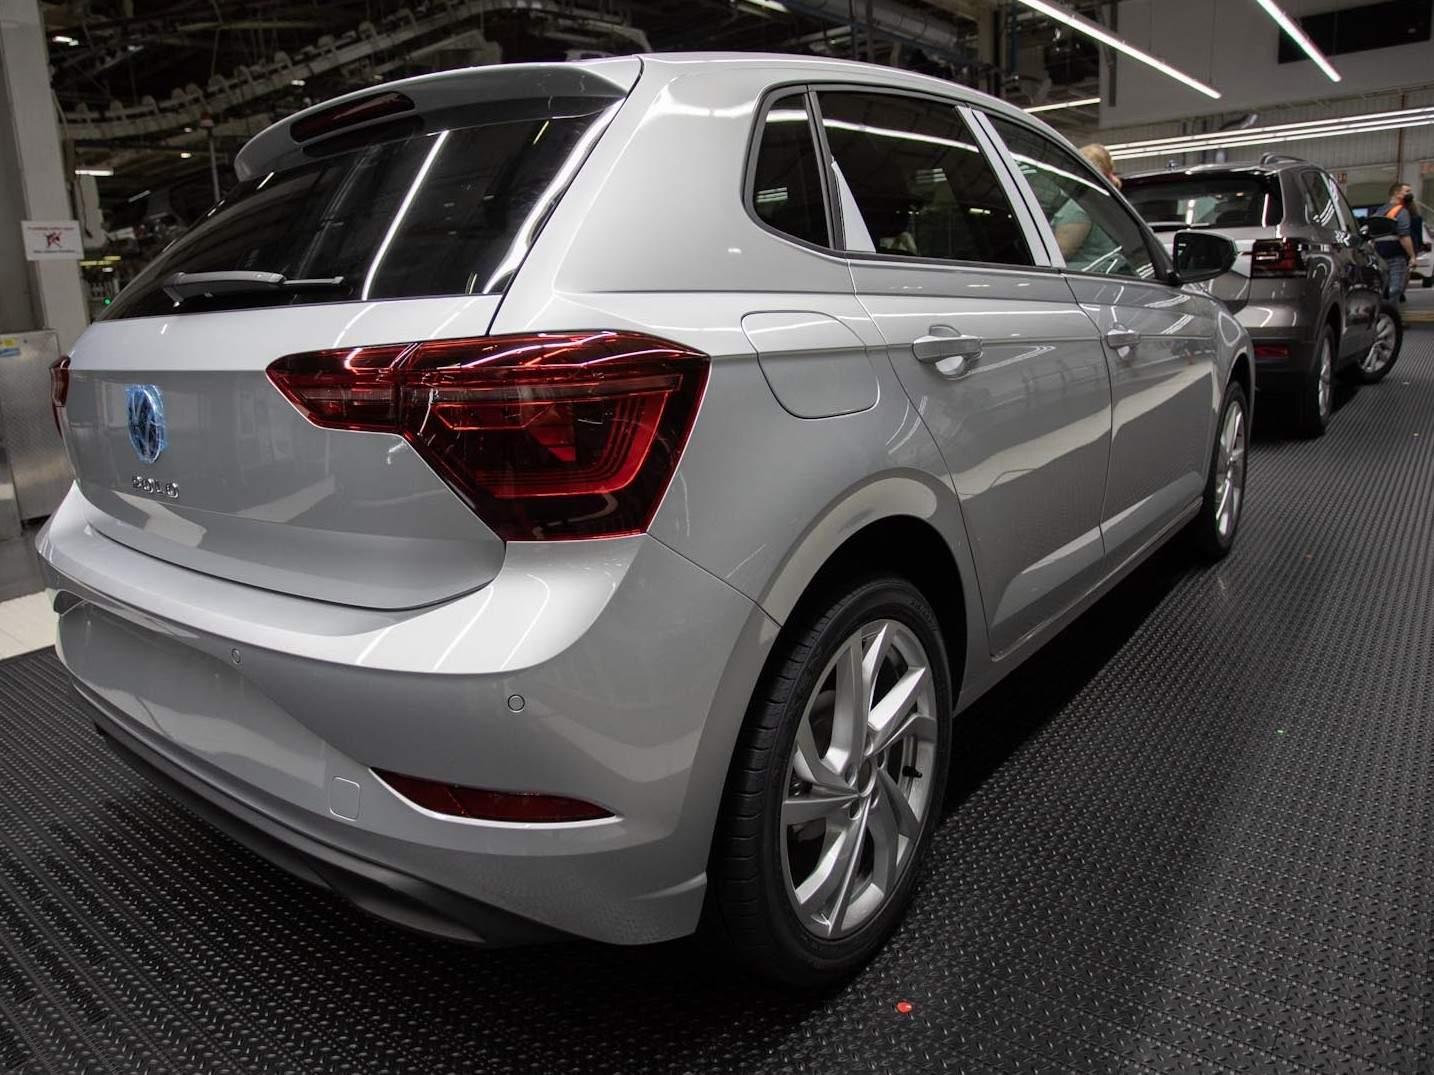 VW reduzirá produção do Polo, Virtus, Nivus e Saveiro por 20 dias